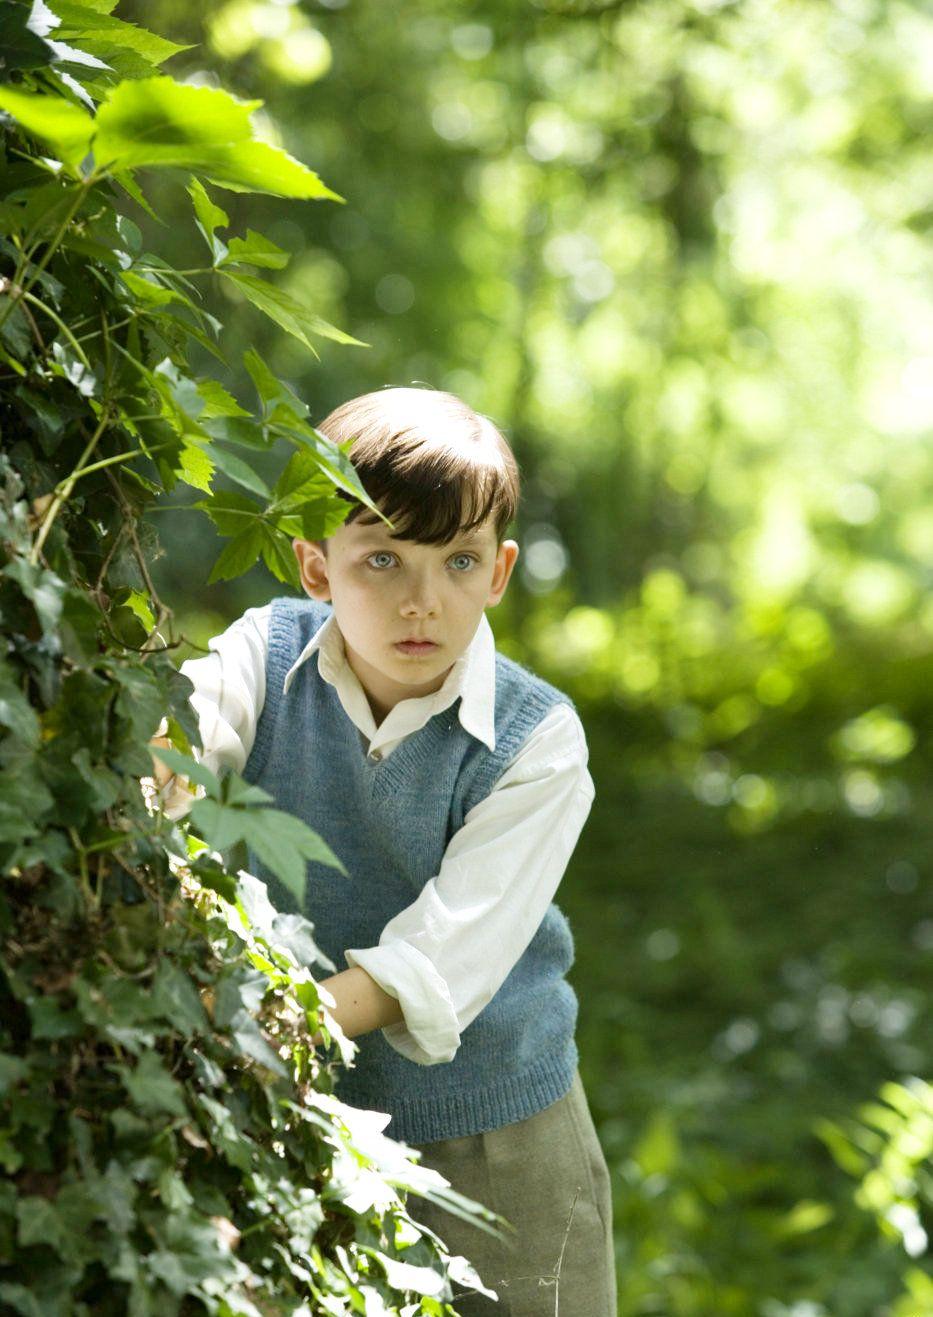 Asa Butterfield The Boy In The Striped Pyjamas Ideias De